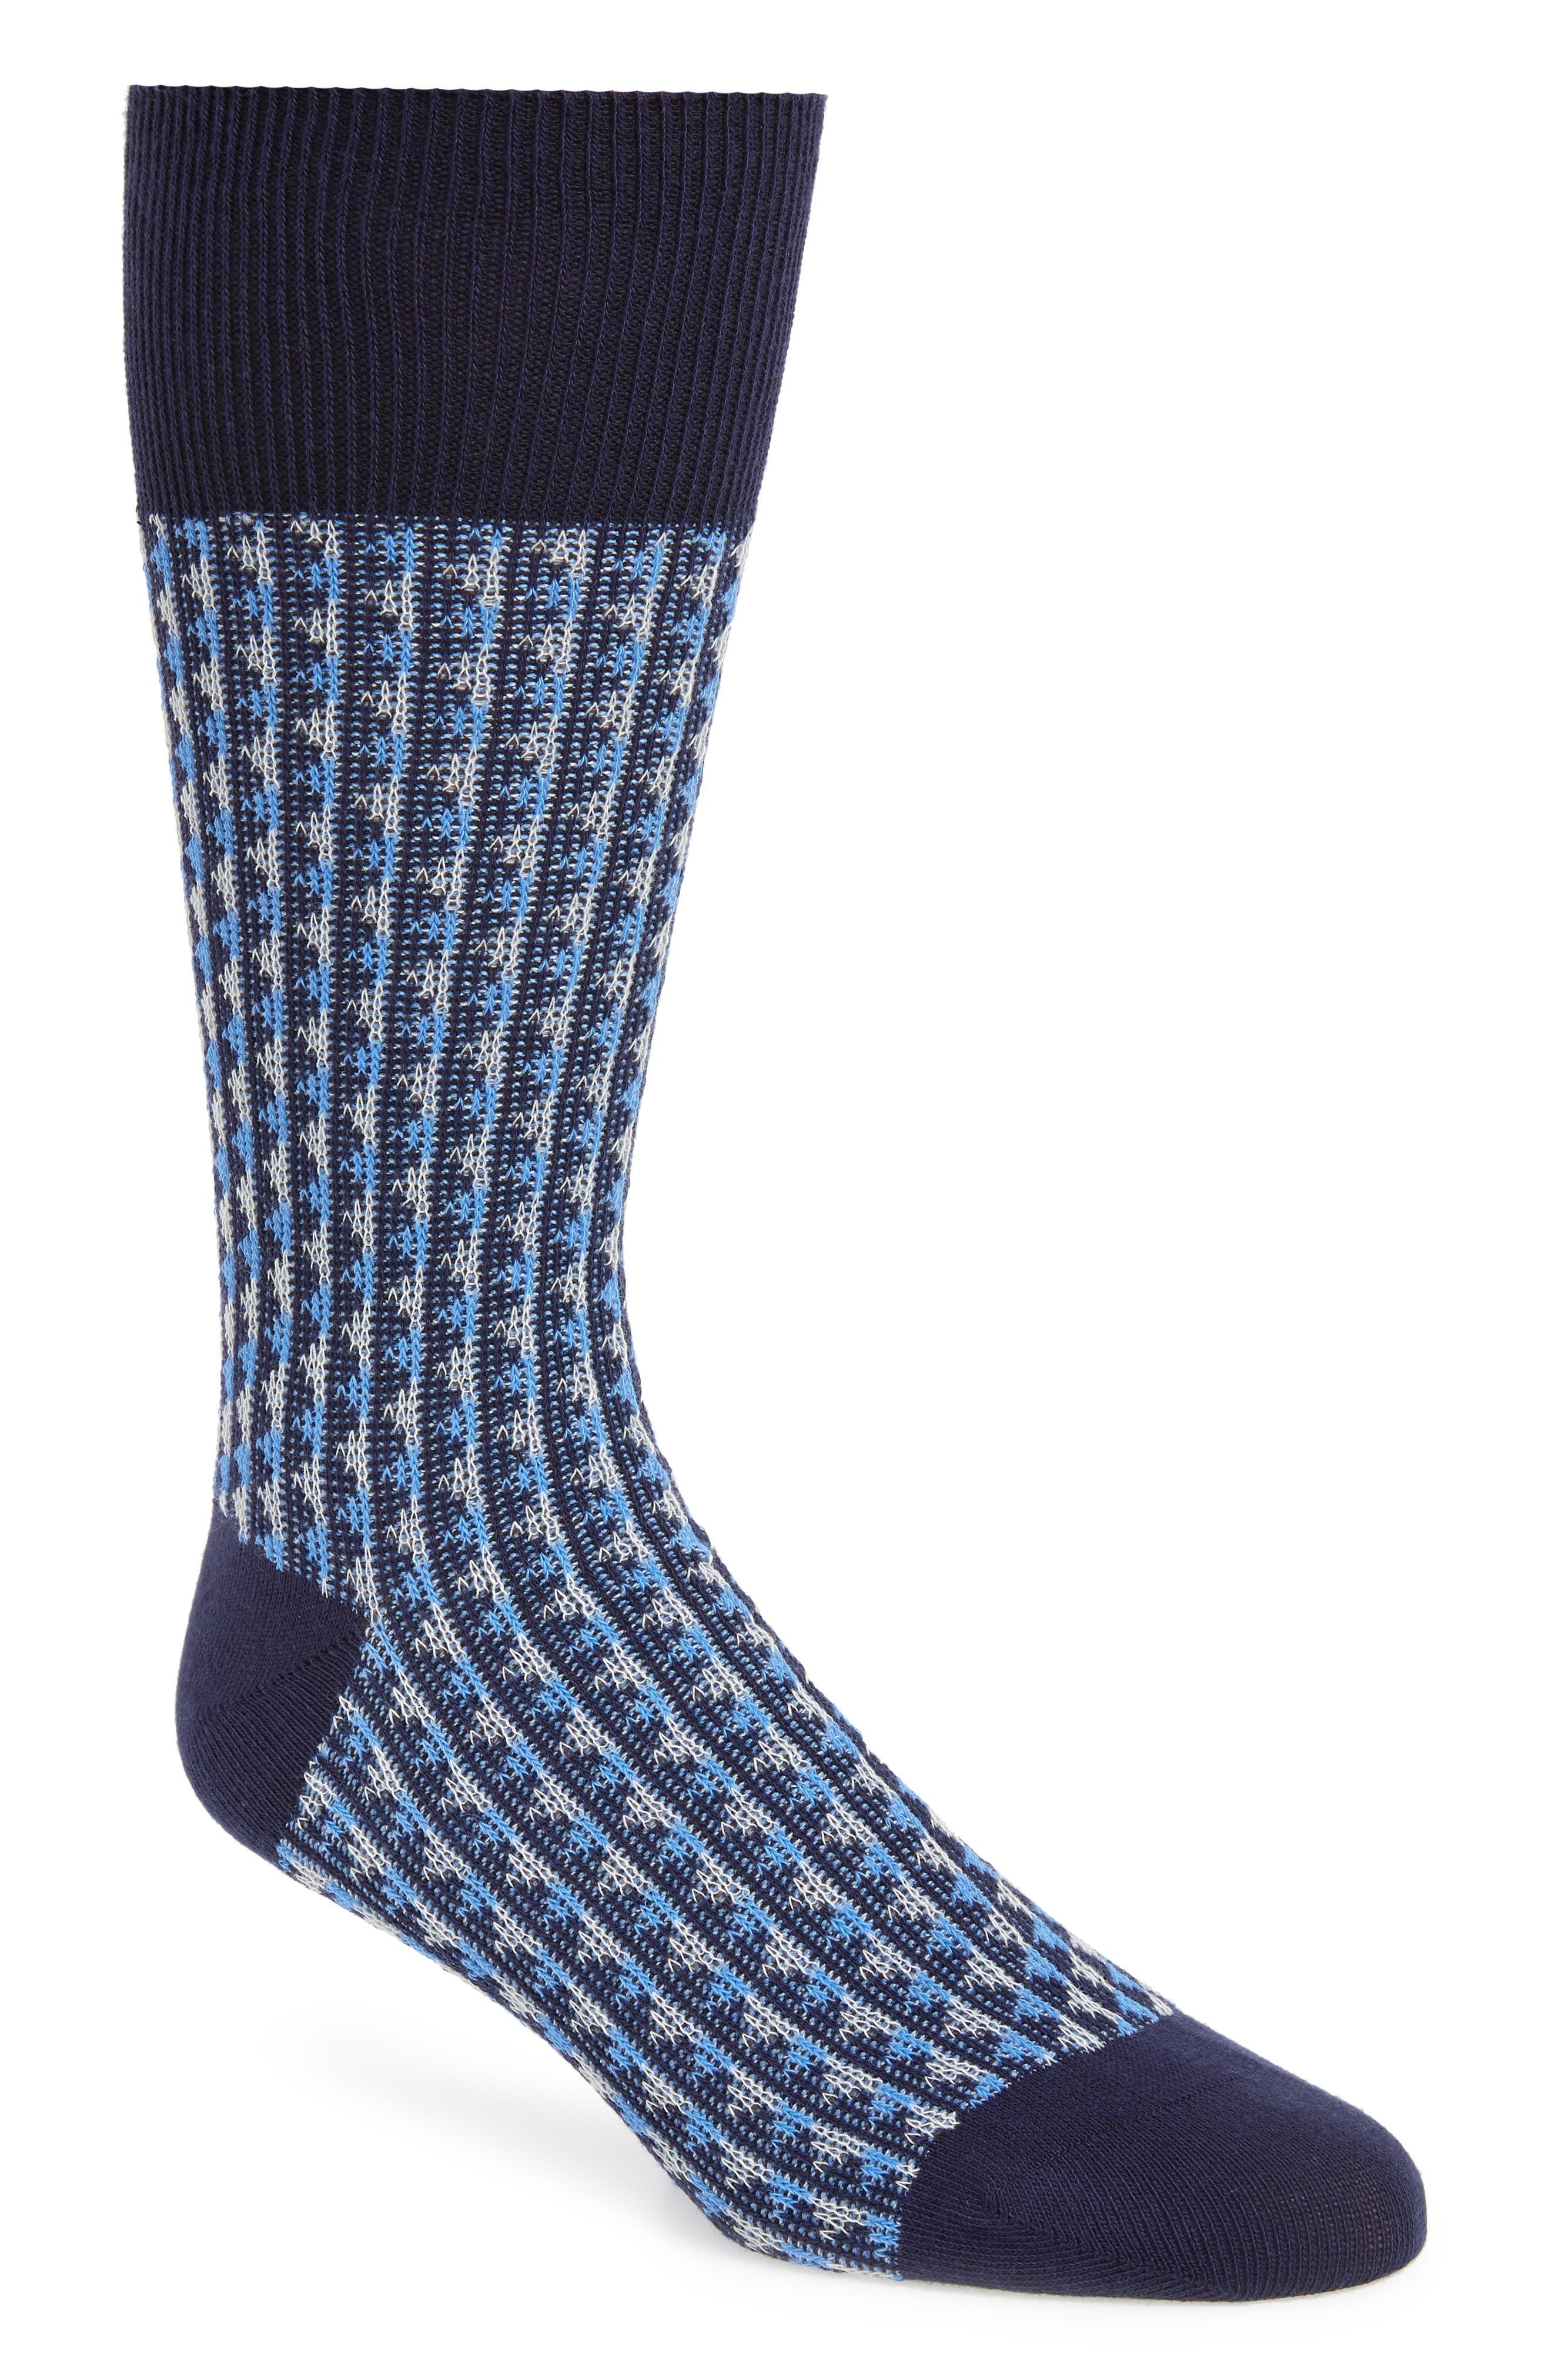 Jacquard Socks,                         Main,                         color, BLUE